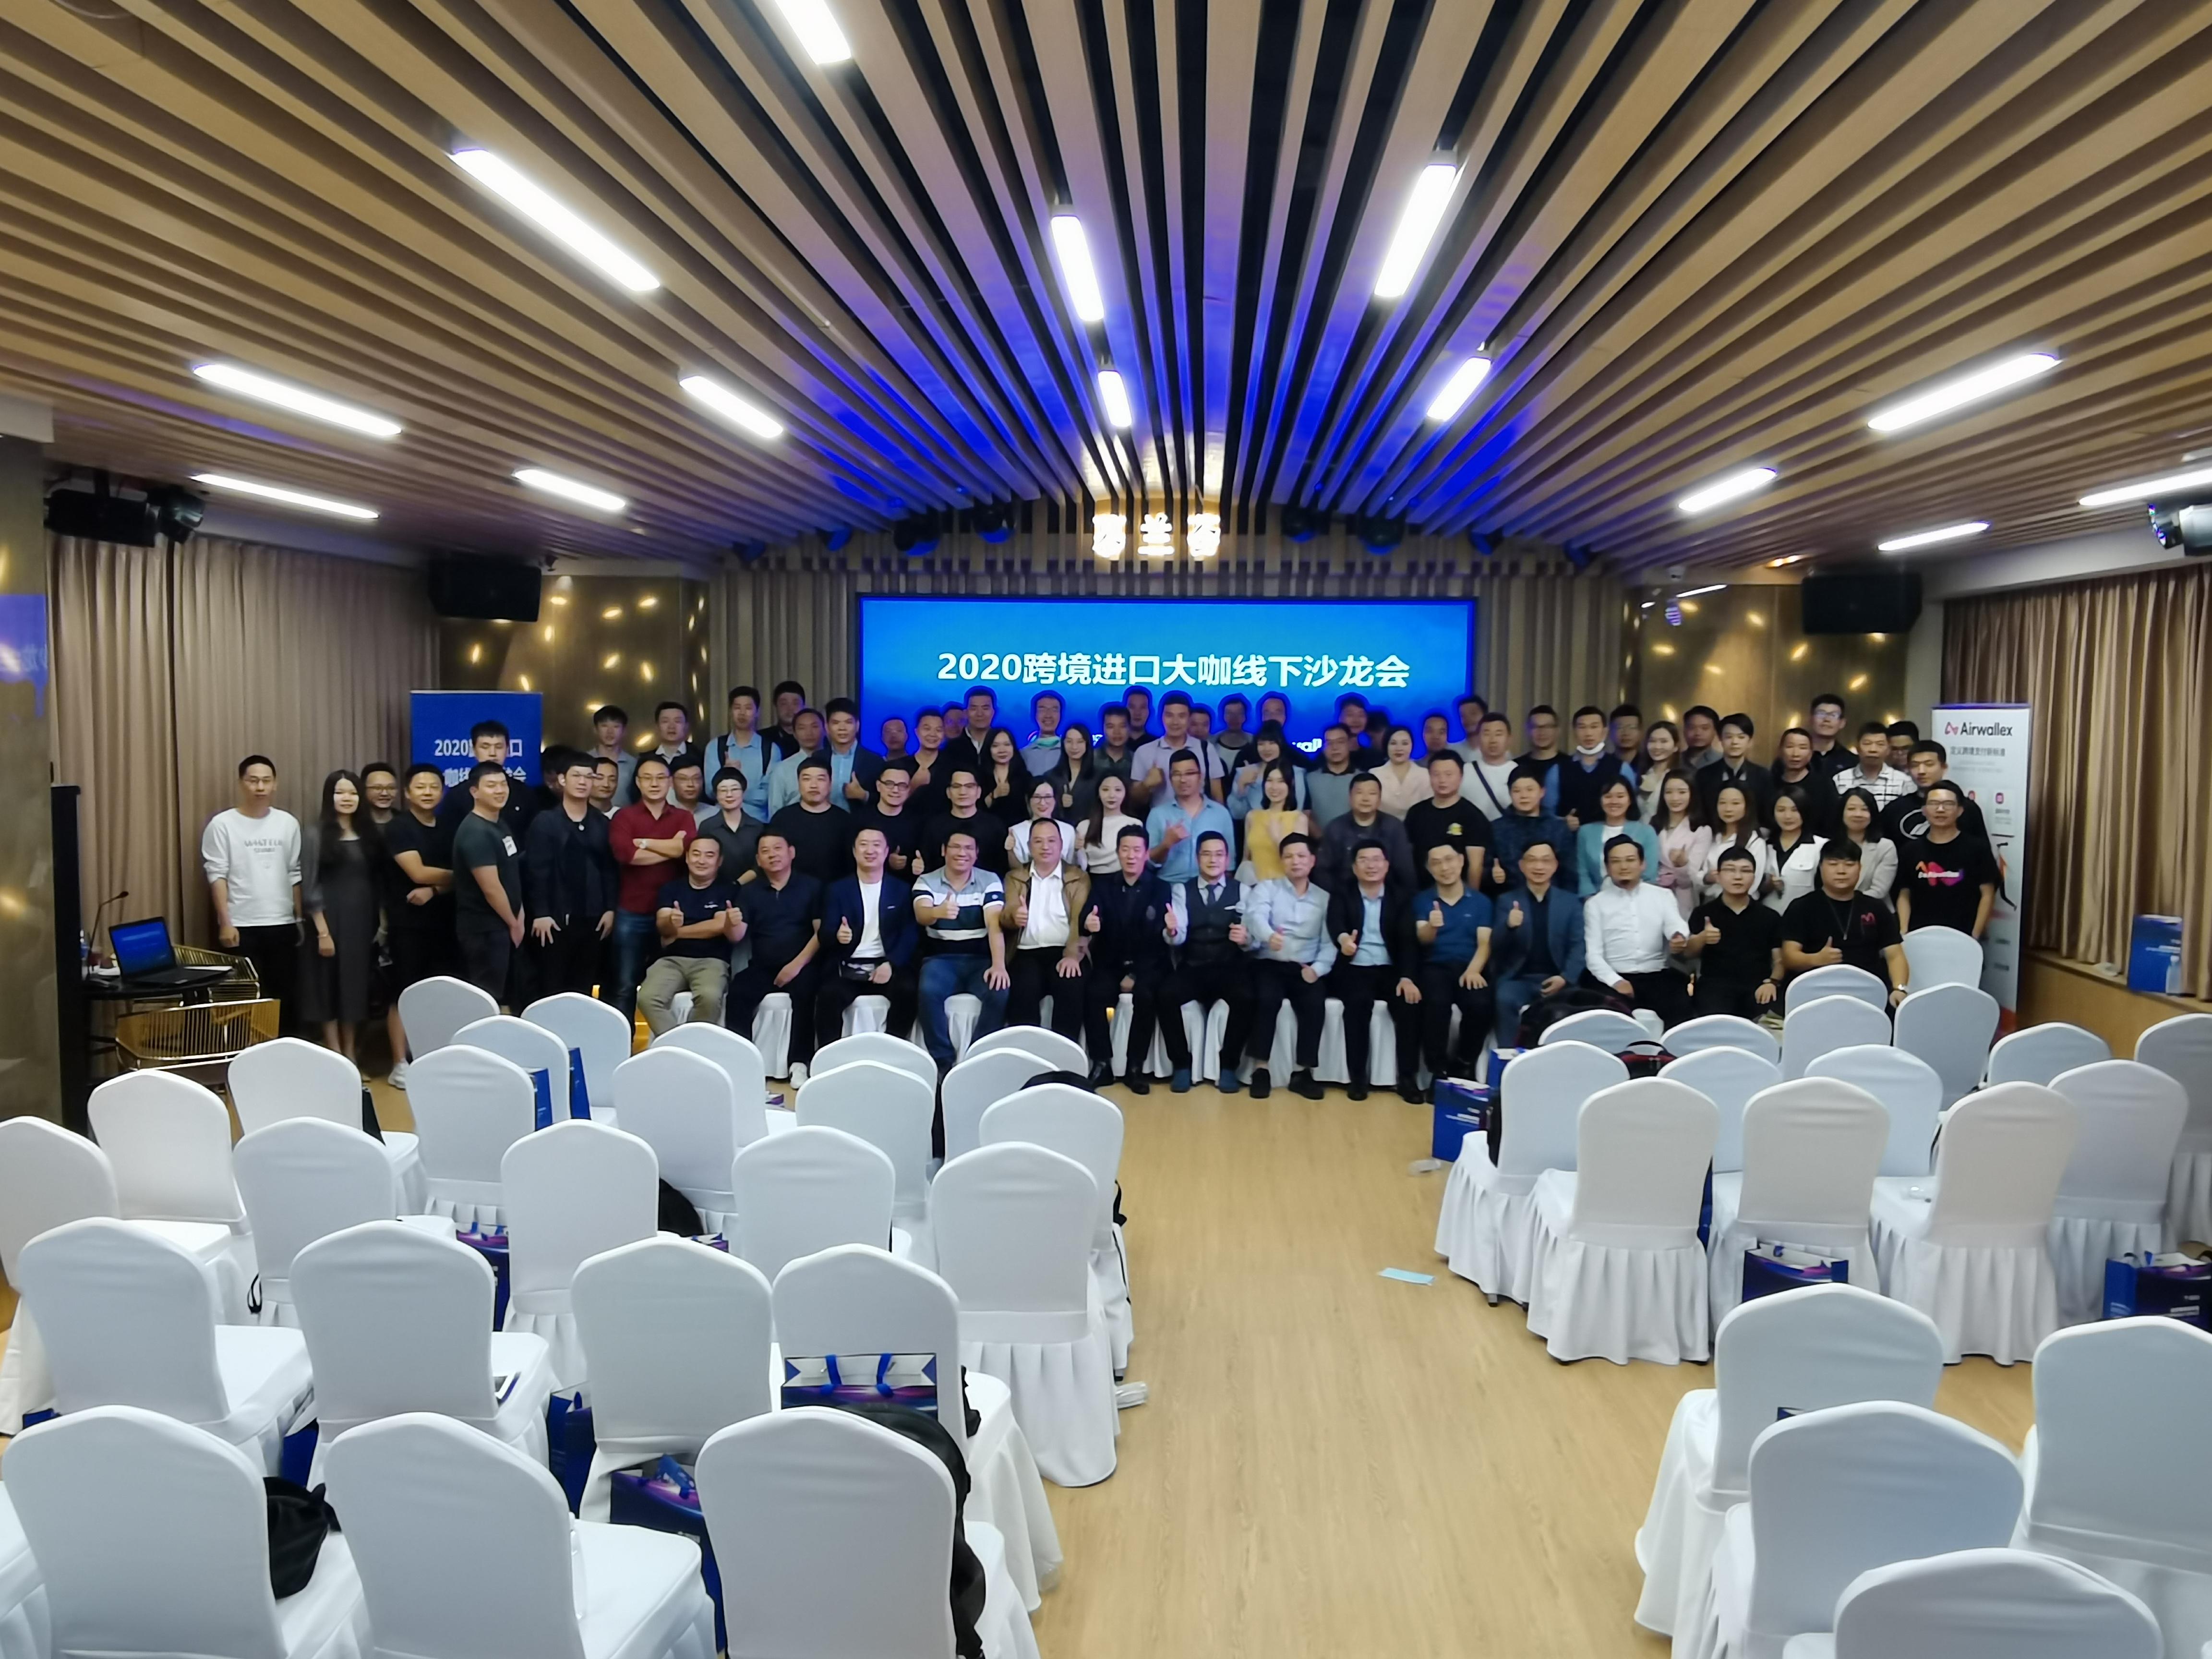 欧派国际受邀参加跨境大咖沙龙,共话跨境行业新未来